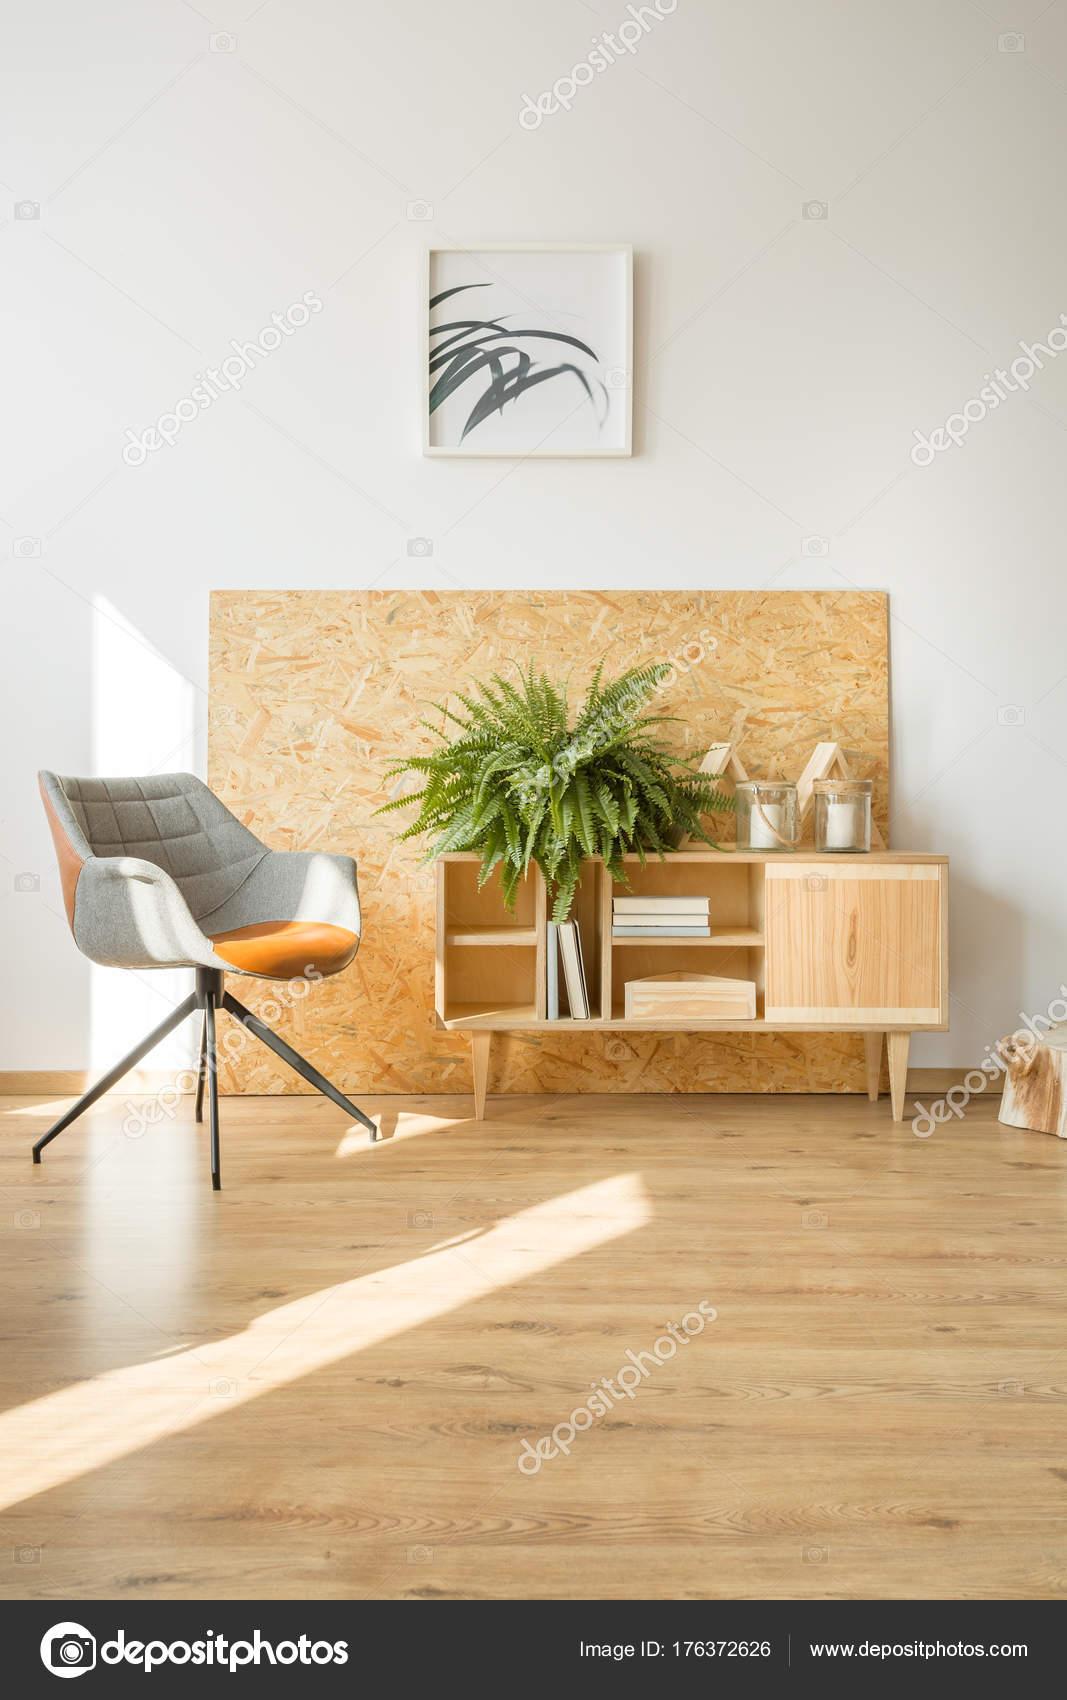 Plakat in einfachen Wohnzimmer — Stockfoto © photographee.eu #176372626